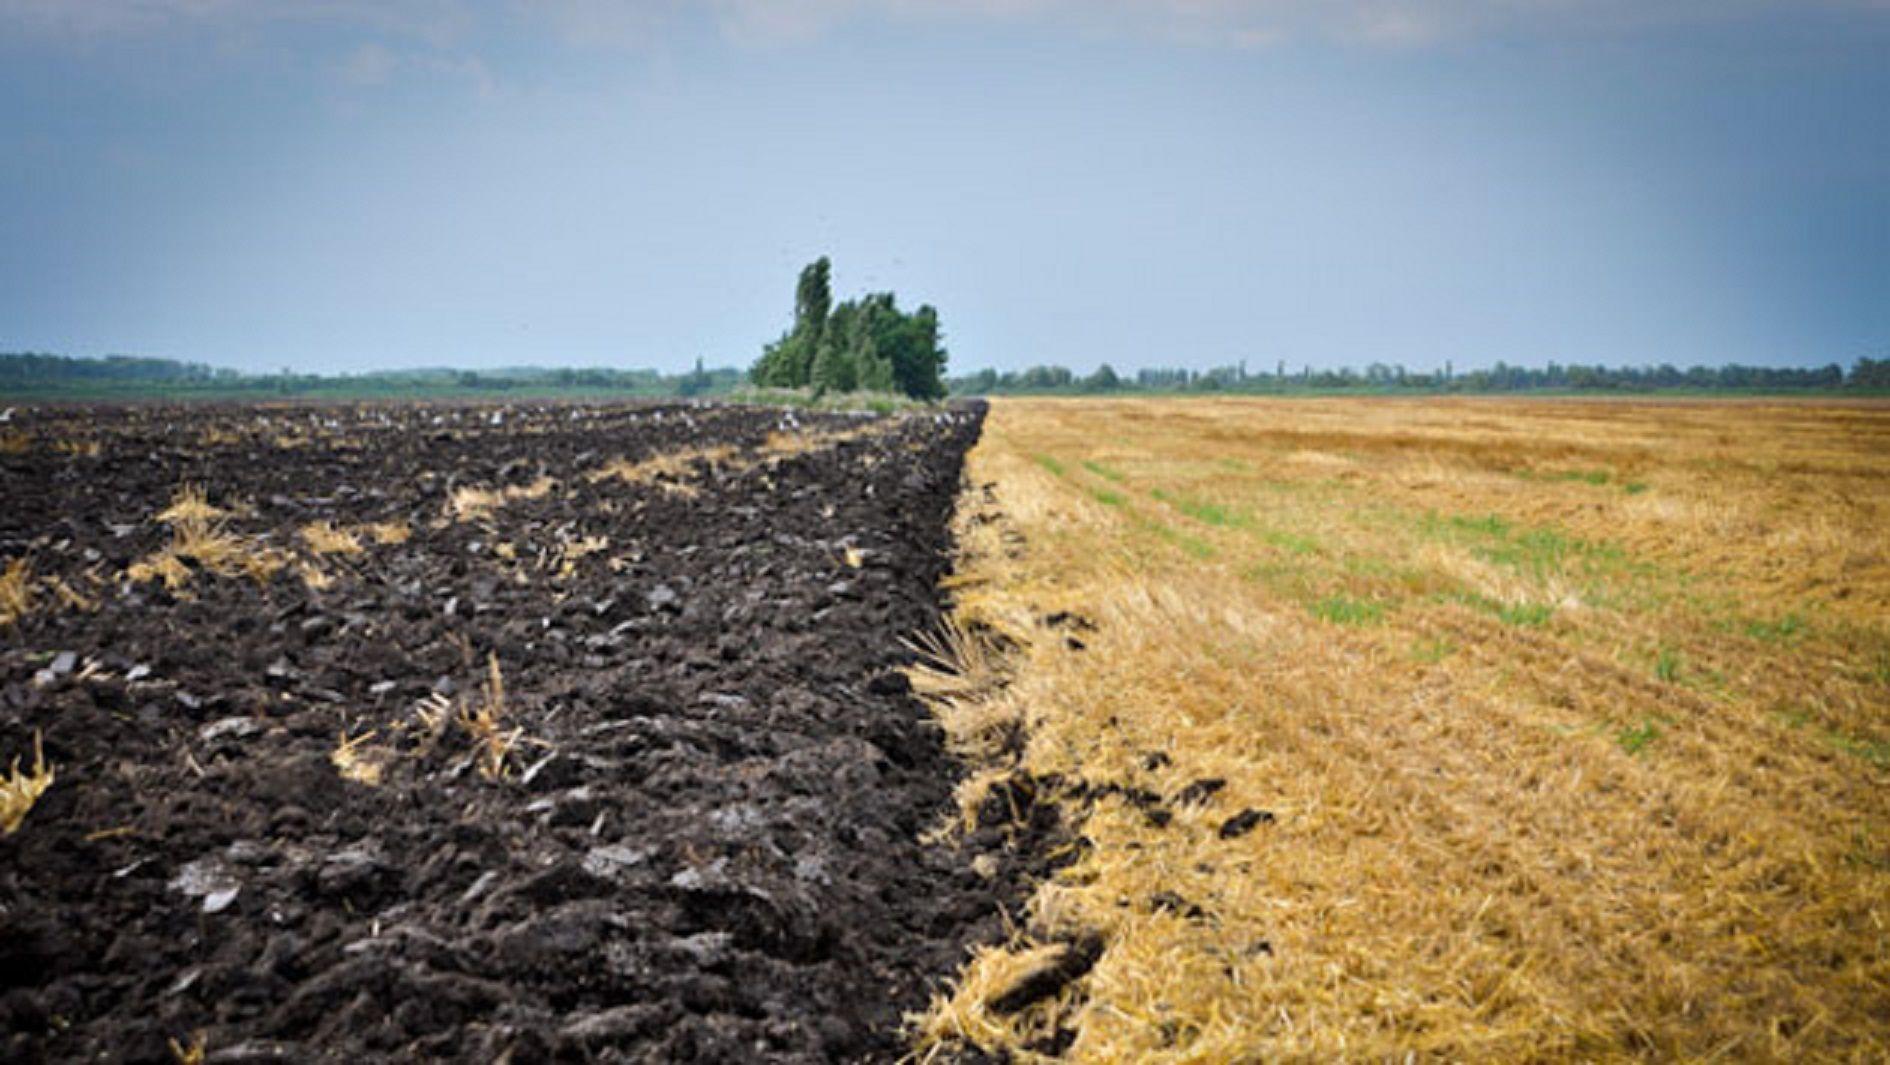 взять в аренду землю под сельское хозяйство в краснодарском крае они собирались